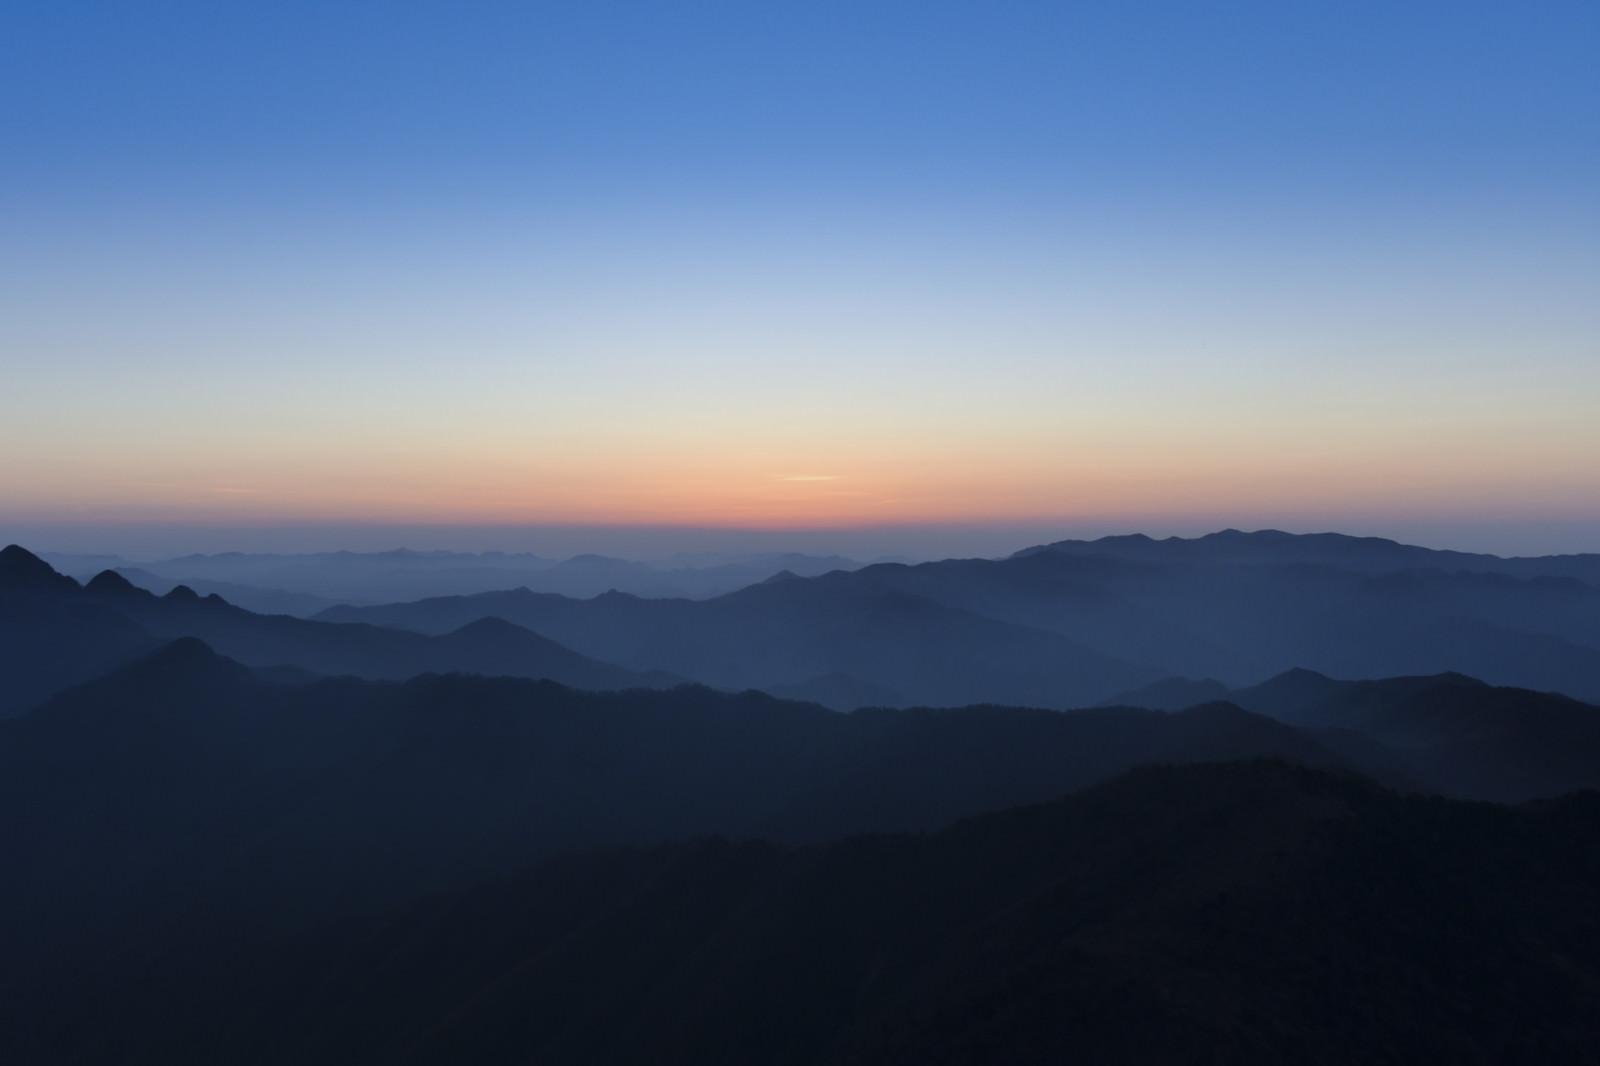 「大台ヶ原の朝焼けと近畿の山々」の写真